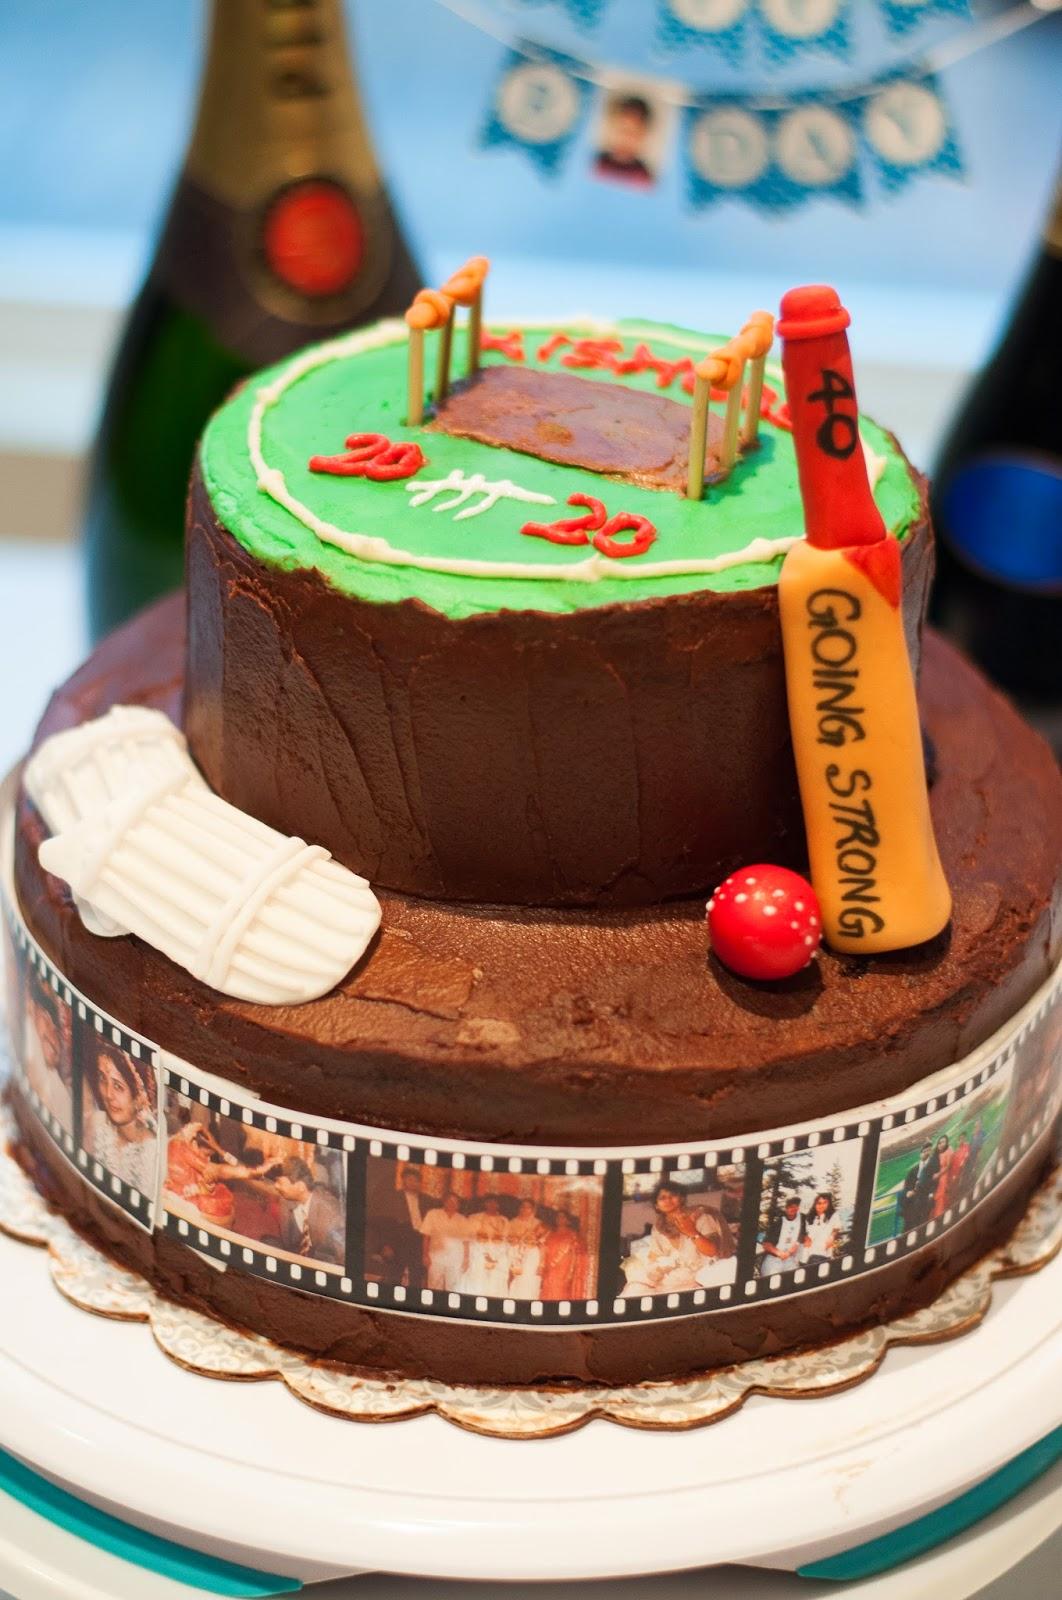 Sailajas Recipes Cricket theme Cake for a milestone birthday Party